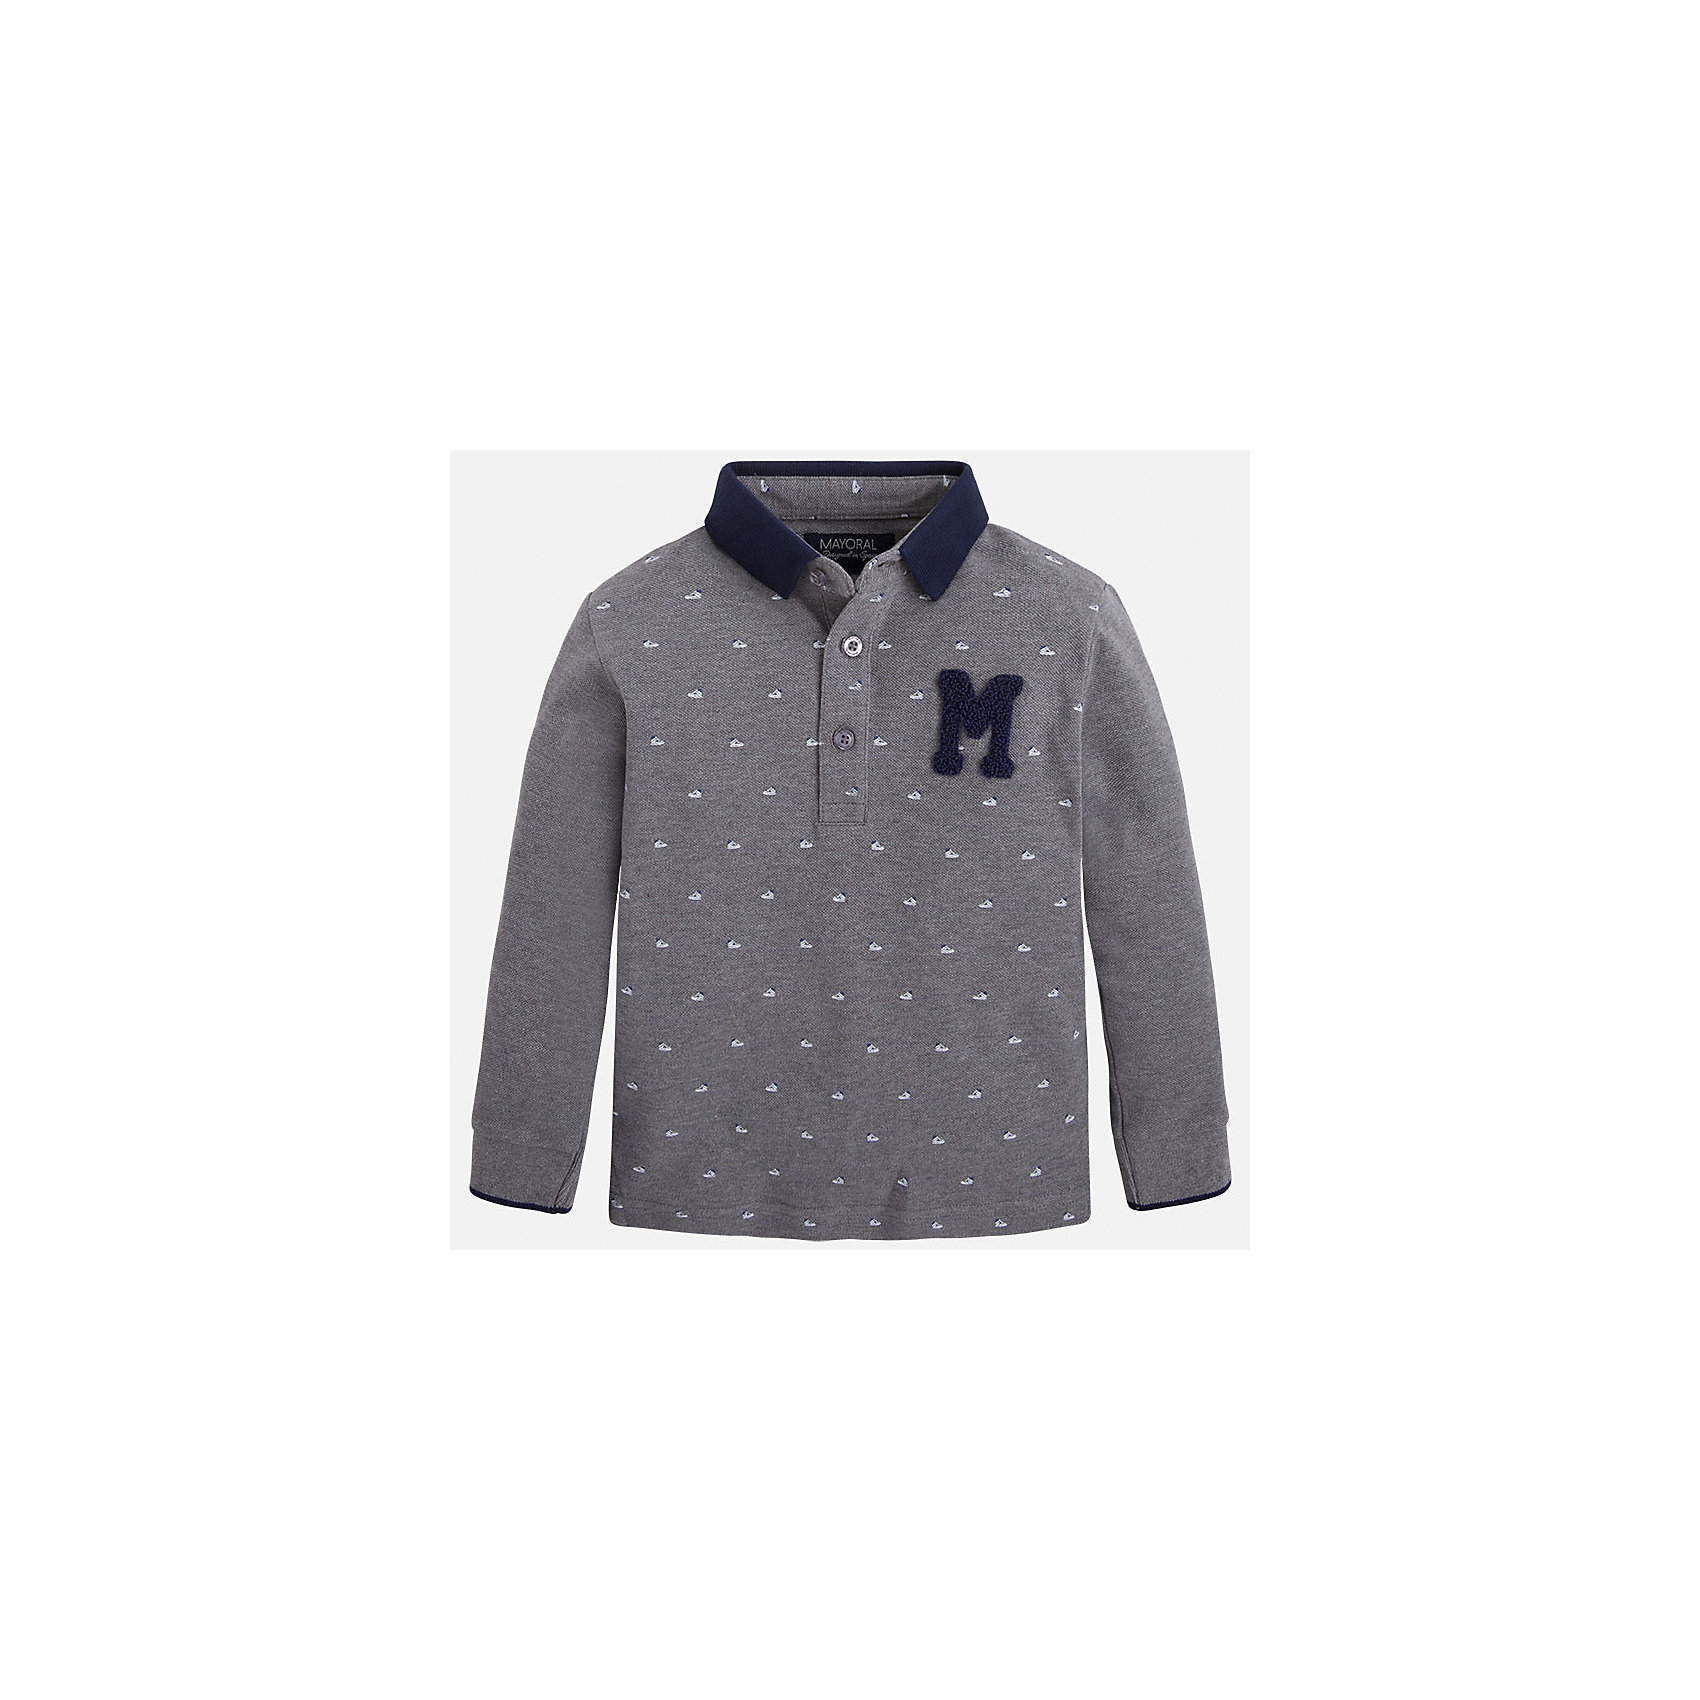 Футболка-поло с длинным рукавом для мальчика MayoralФутболки с длинным рукавом<br>Рубашка-поло для мальчика Mayoral (Майорал) – это стильная, модная и практичная модель.<br>Стильная рубашка-поло с длинными рукавами от известной испанской марки Mayoral (Майорал) выполненная из натурального хлопка, станет прекрасным дополнением гардероба вашего мальчика. Рубашка декорирована принтом с изображением спортивной обуви. У рубашки отложной воротник. Ворот застегивается на пуговицы. Комфортный прямой крой гарантирует свободу движений.<br><br>Дополнительная информация:<br><br>- Состав: 100% хлопок<br>- Уход: бережная стирка при 30 градусах<br><br>Рубашку-поло для мальчика Mayoral (Майорал) можно купить в нашем интернет-магазине.<br><br>Ширина мм: 174<br>Глубина мм: 10<br>Высота мм: 169<br>Вес г: 157<br>Цвет: серый<br>Возраст от месяцев: 48<br>Возраст до месяцев: 60<br>Пол: Мужской<br>Возраст: Детский<br>Размер: 110,116,104,98,122,134,128<br>SKU: 4821001